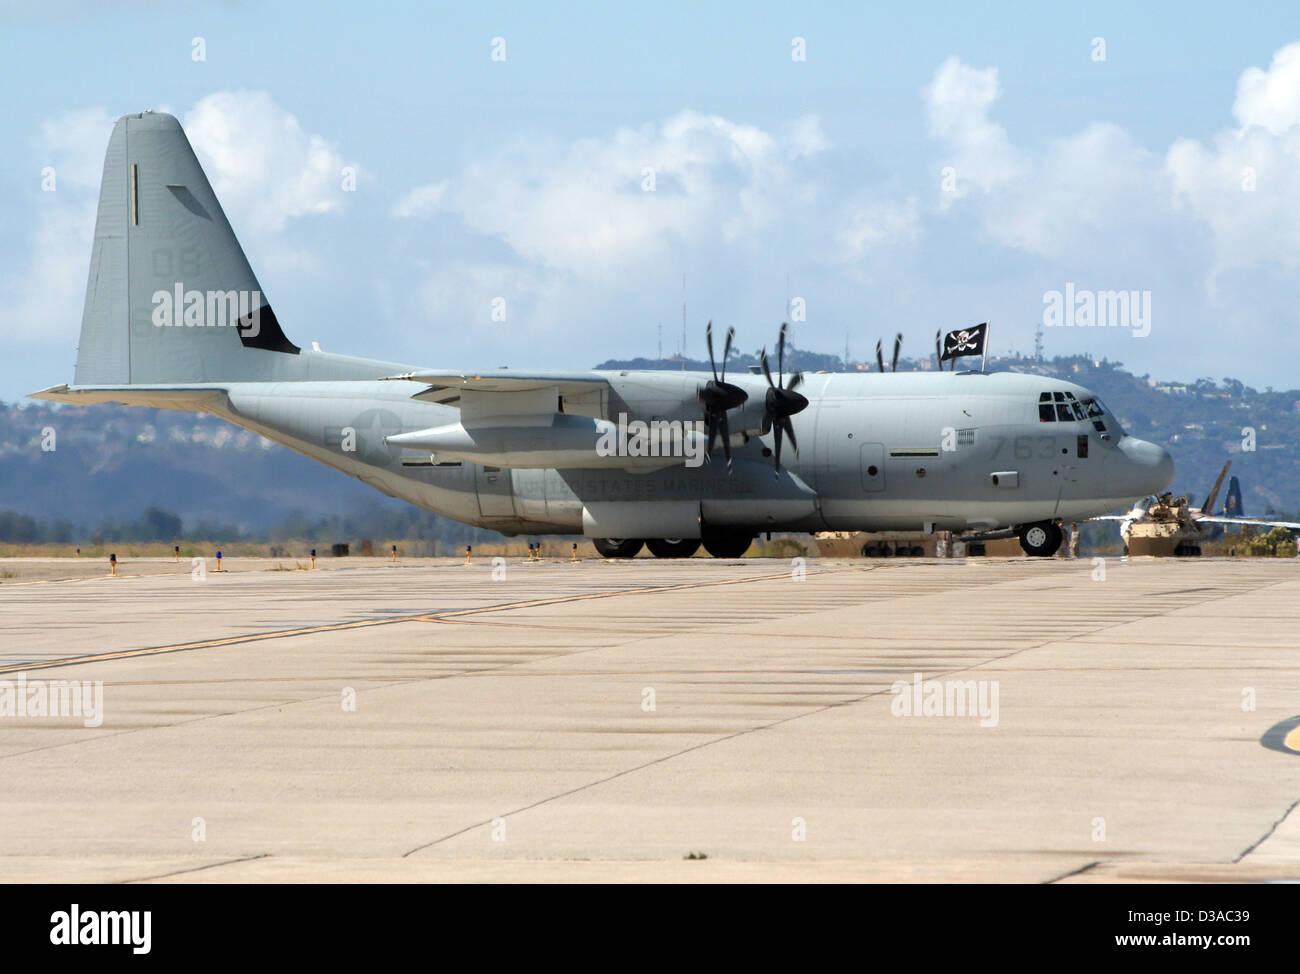 US Marines C-130 Hercules at the airshow at Air Station Miramar, California Stock Photo